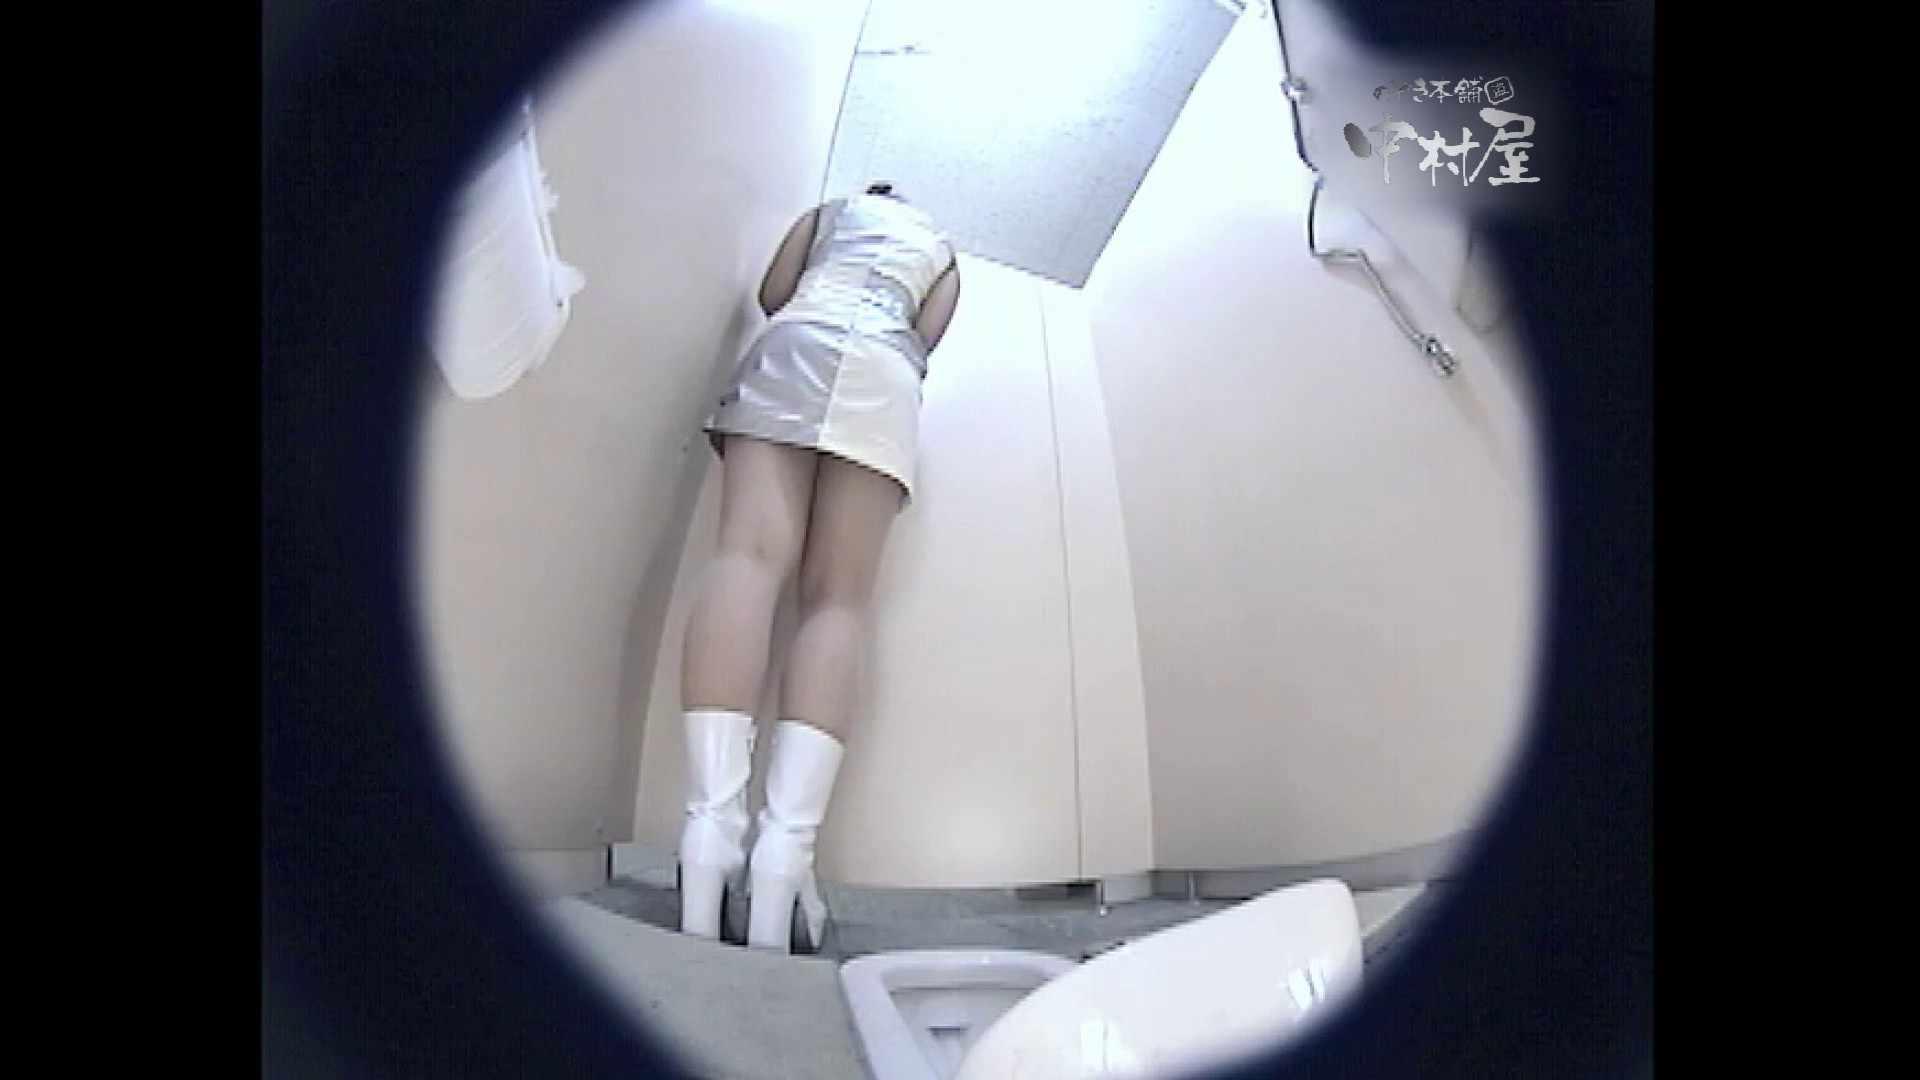 レースクィーントイレ盗撮!Vol.24 トイレの中まで おめこ無修正動画無料 10枚 6